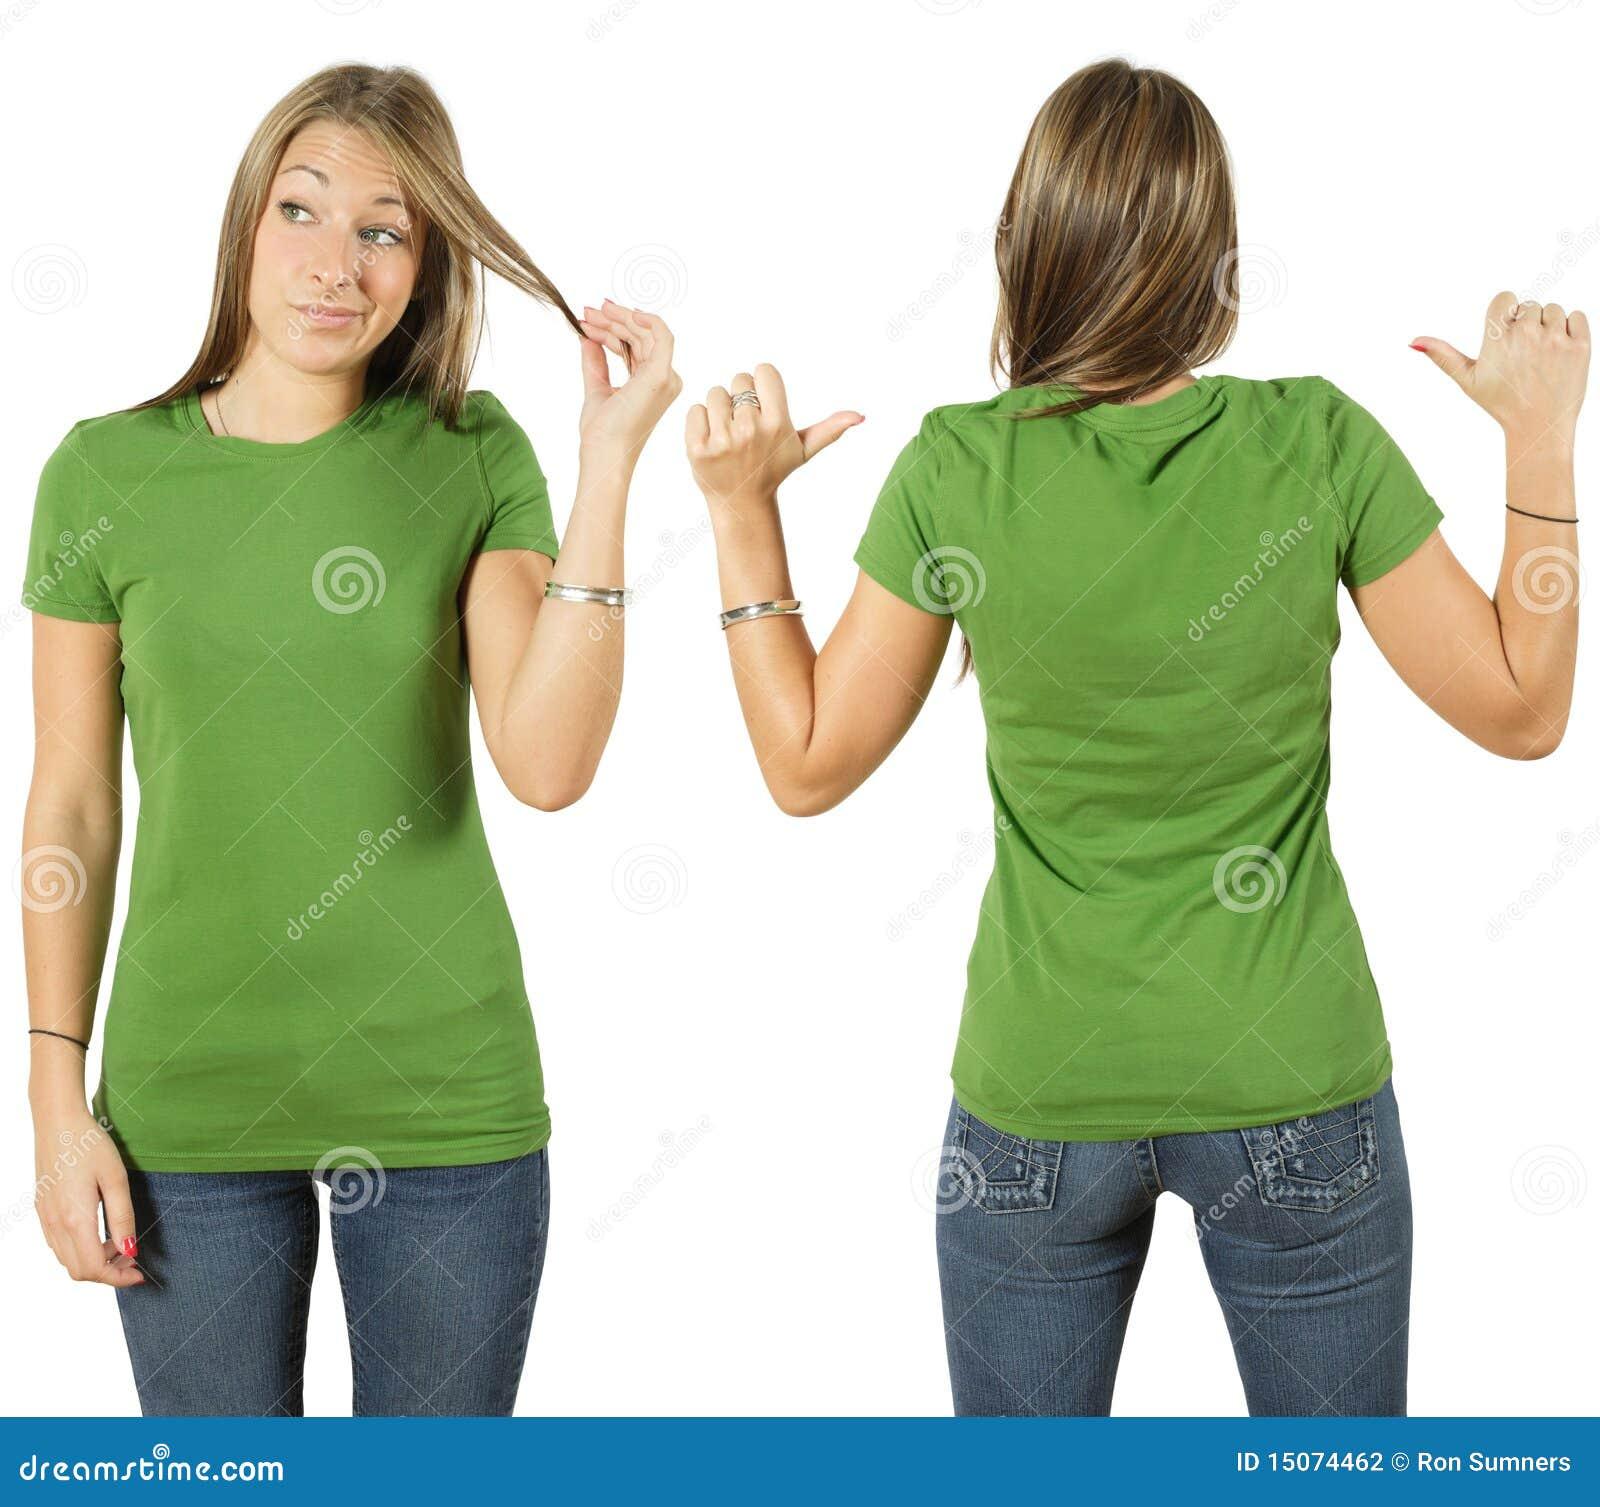 Blank kvinnliggreenskjorta